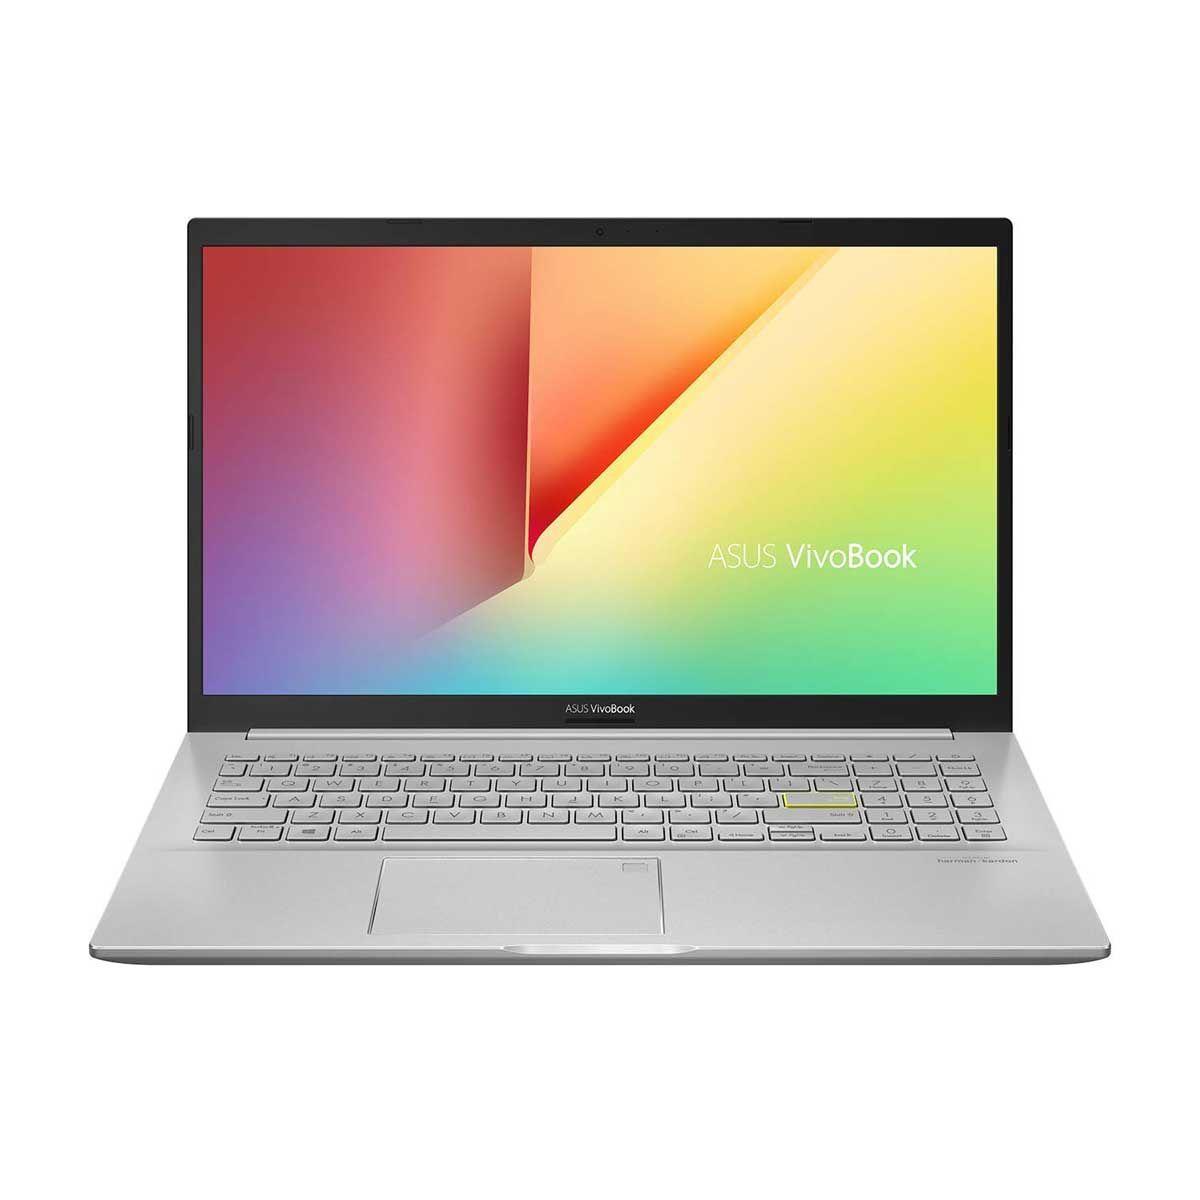 ಅಸೂಸ್ VivoBook Ultra 15 (KM513)